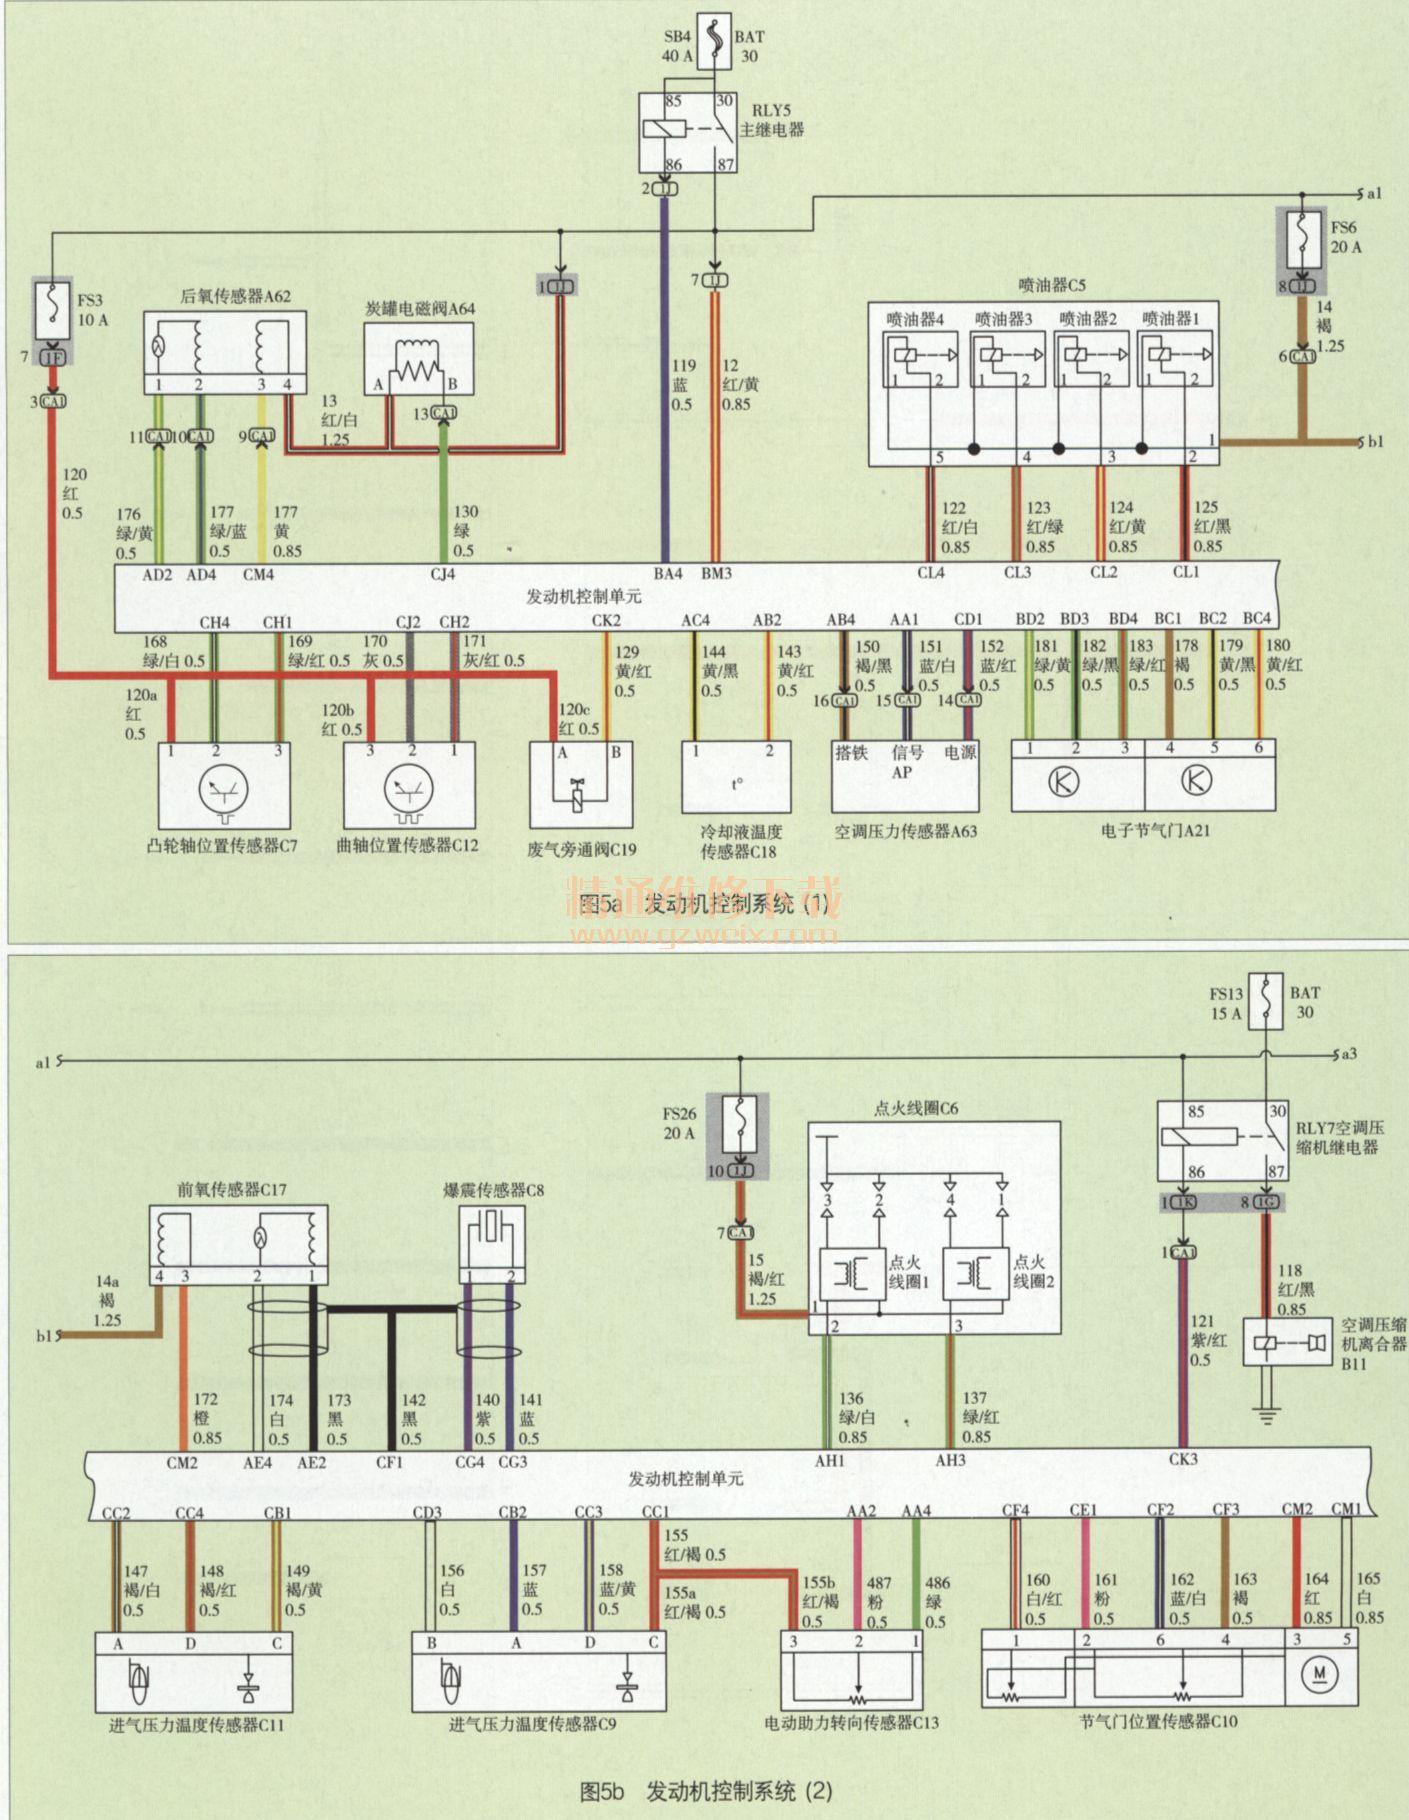 华泰B11轿车电路图 发动机控制系统高清图片